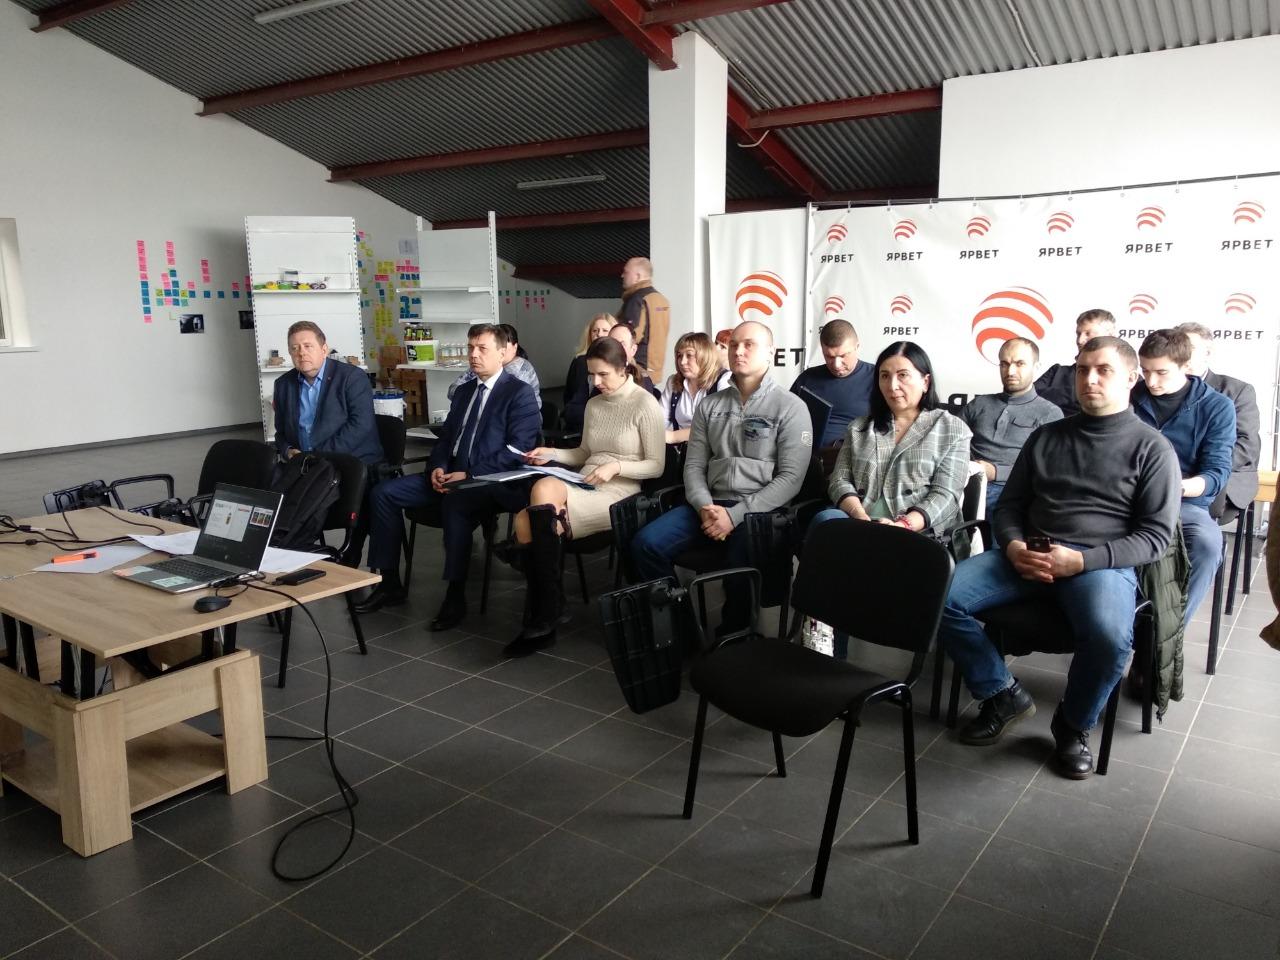 Около 200 работников предприятий пройдут переобучение и повышение квалификации